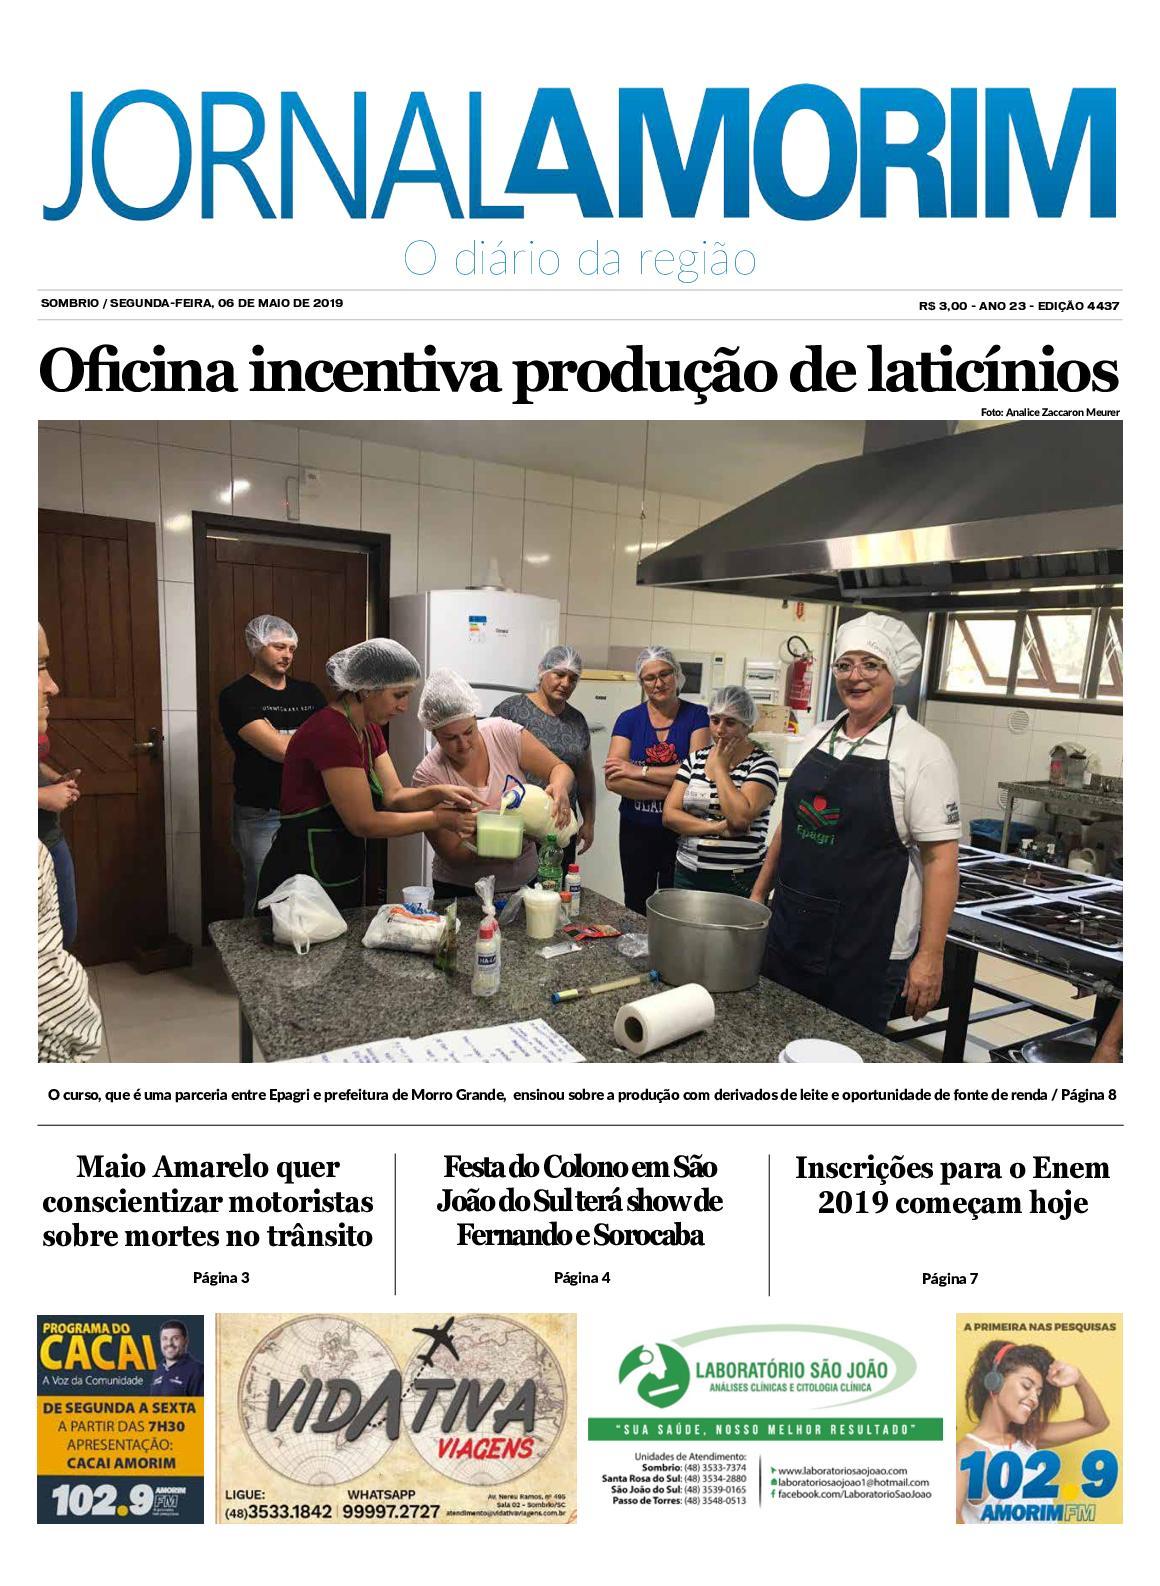 Jornal Amorim 06-05-2019